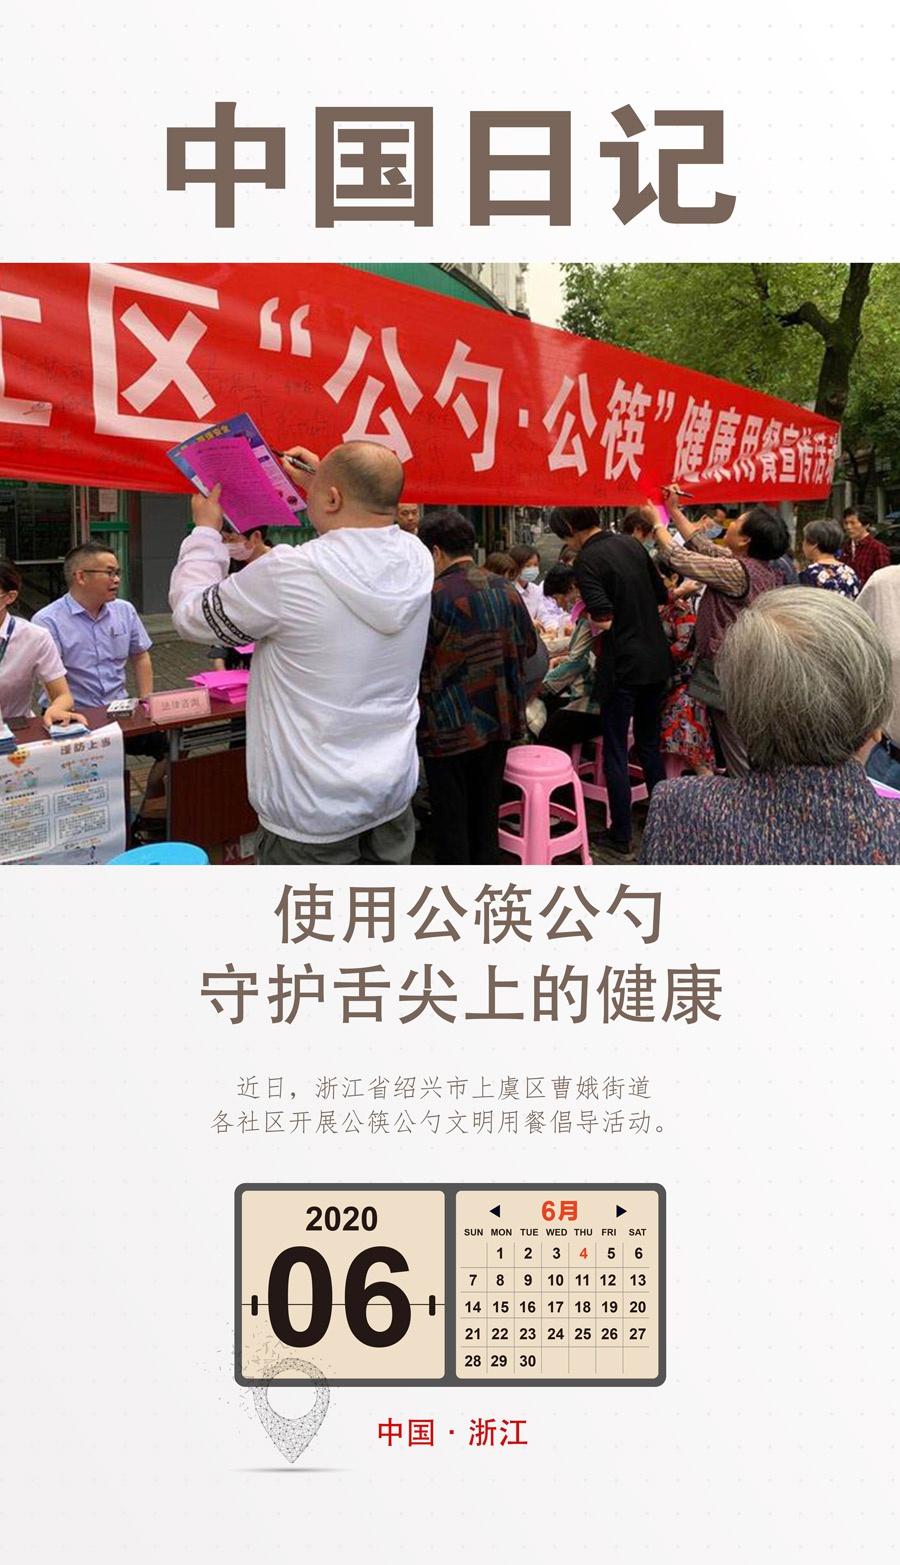 高德平台:日记6月4日|使用公筷公高德平台勺图片